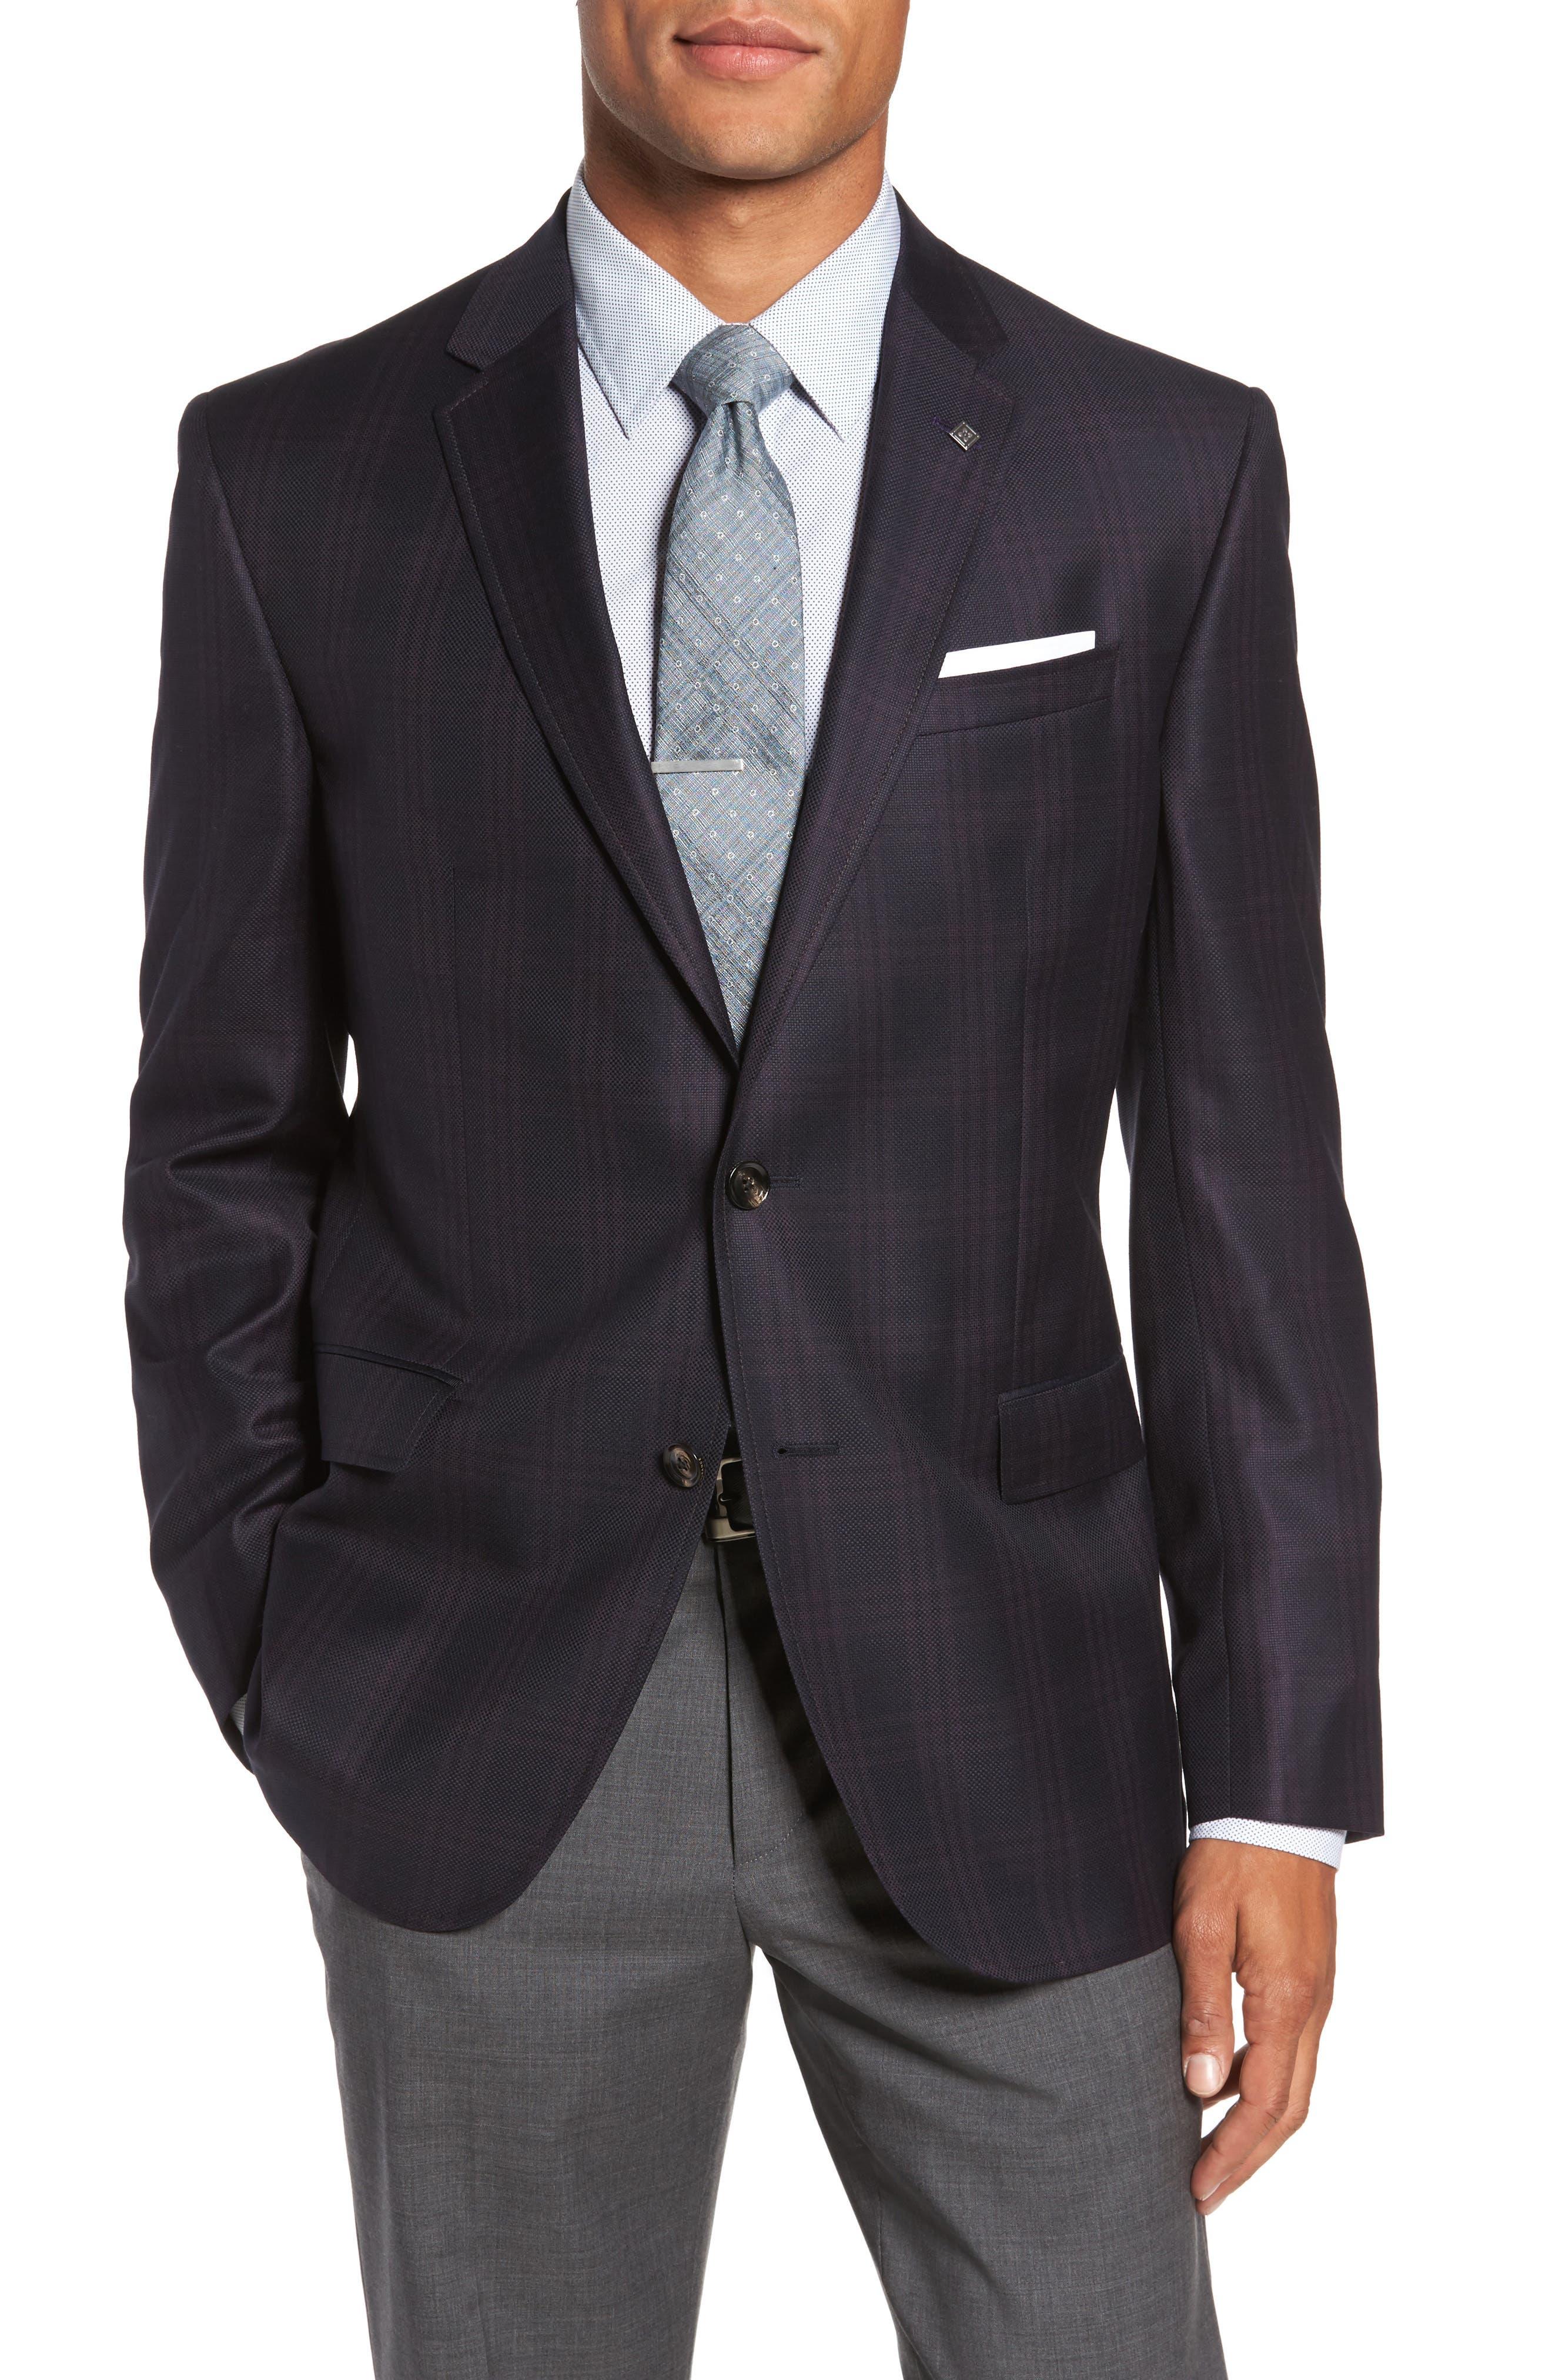 Jed Trim Fit Plaid Wool Sport Coat,                         Main,                         color, Black